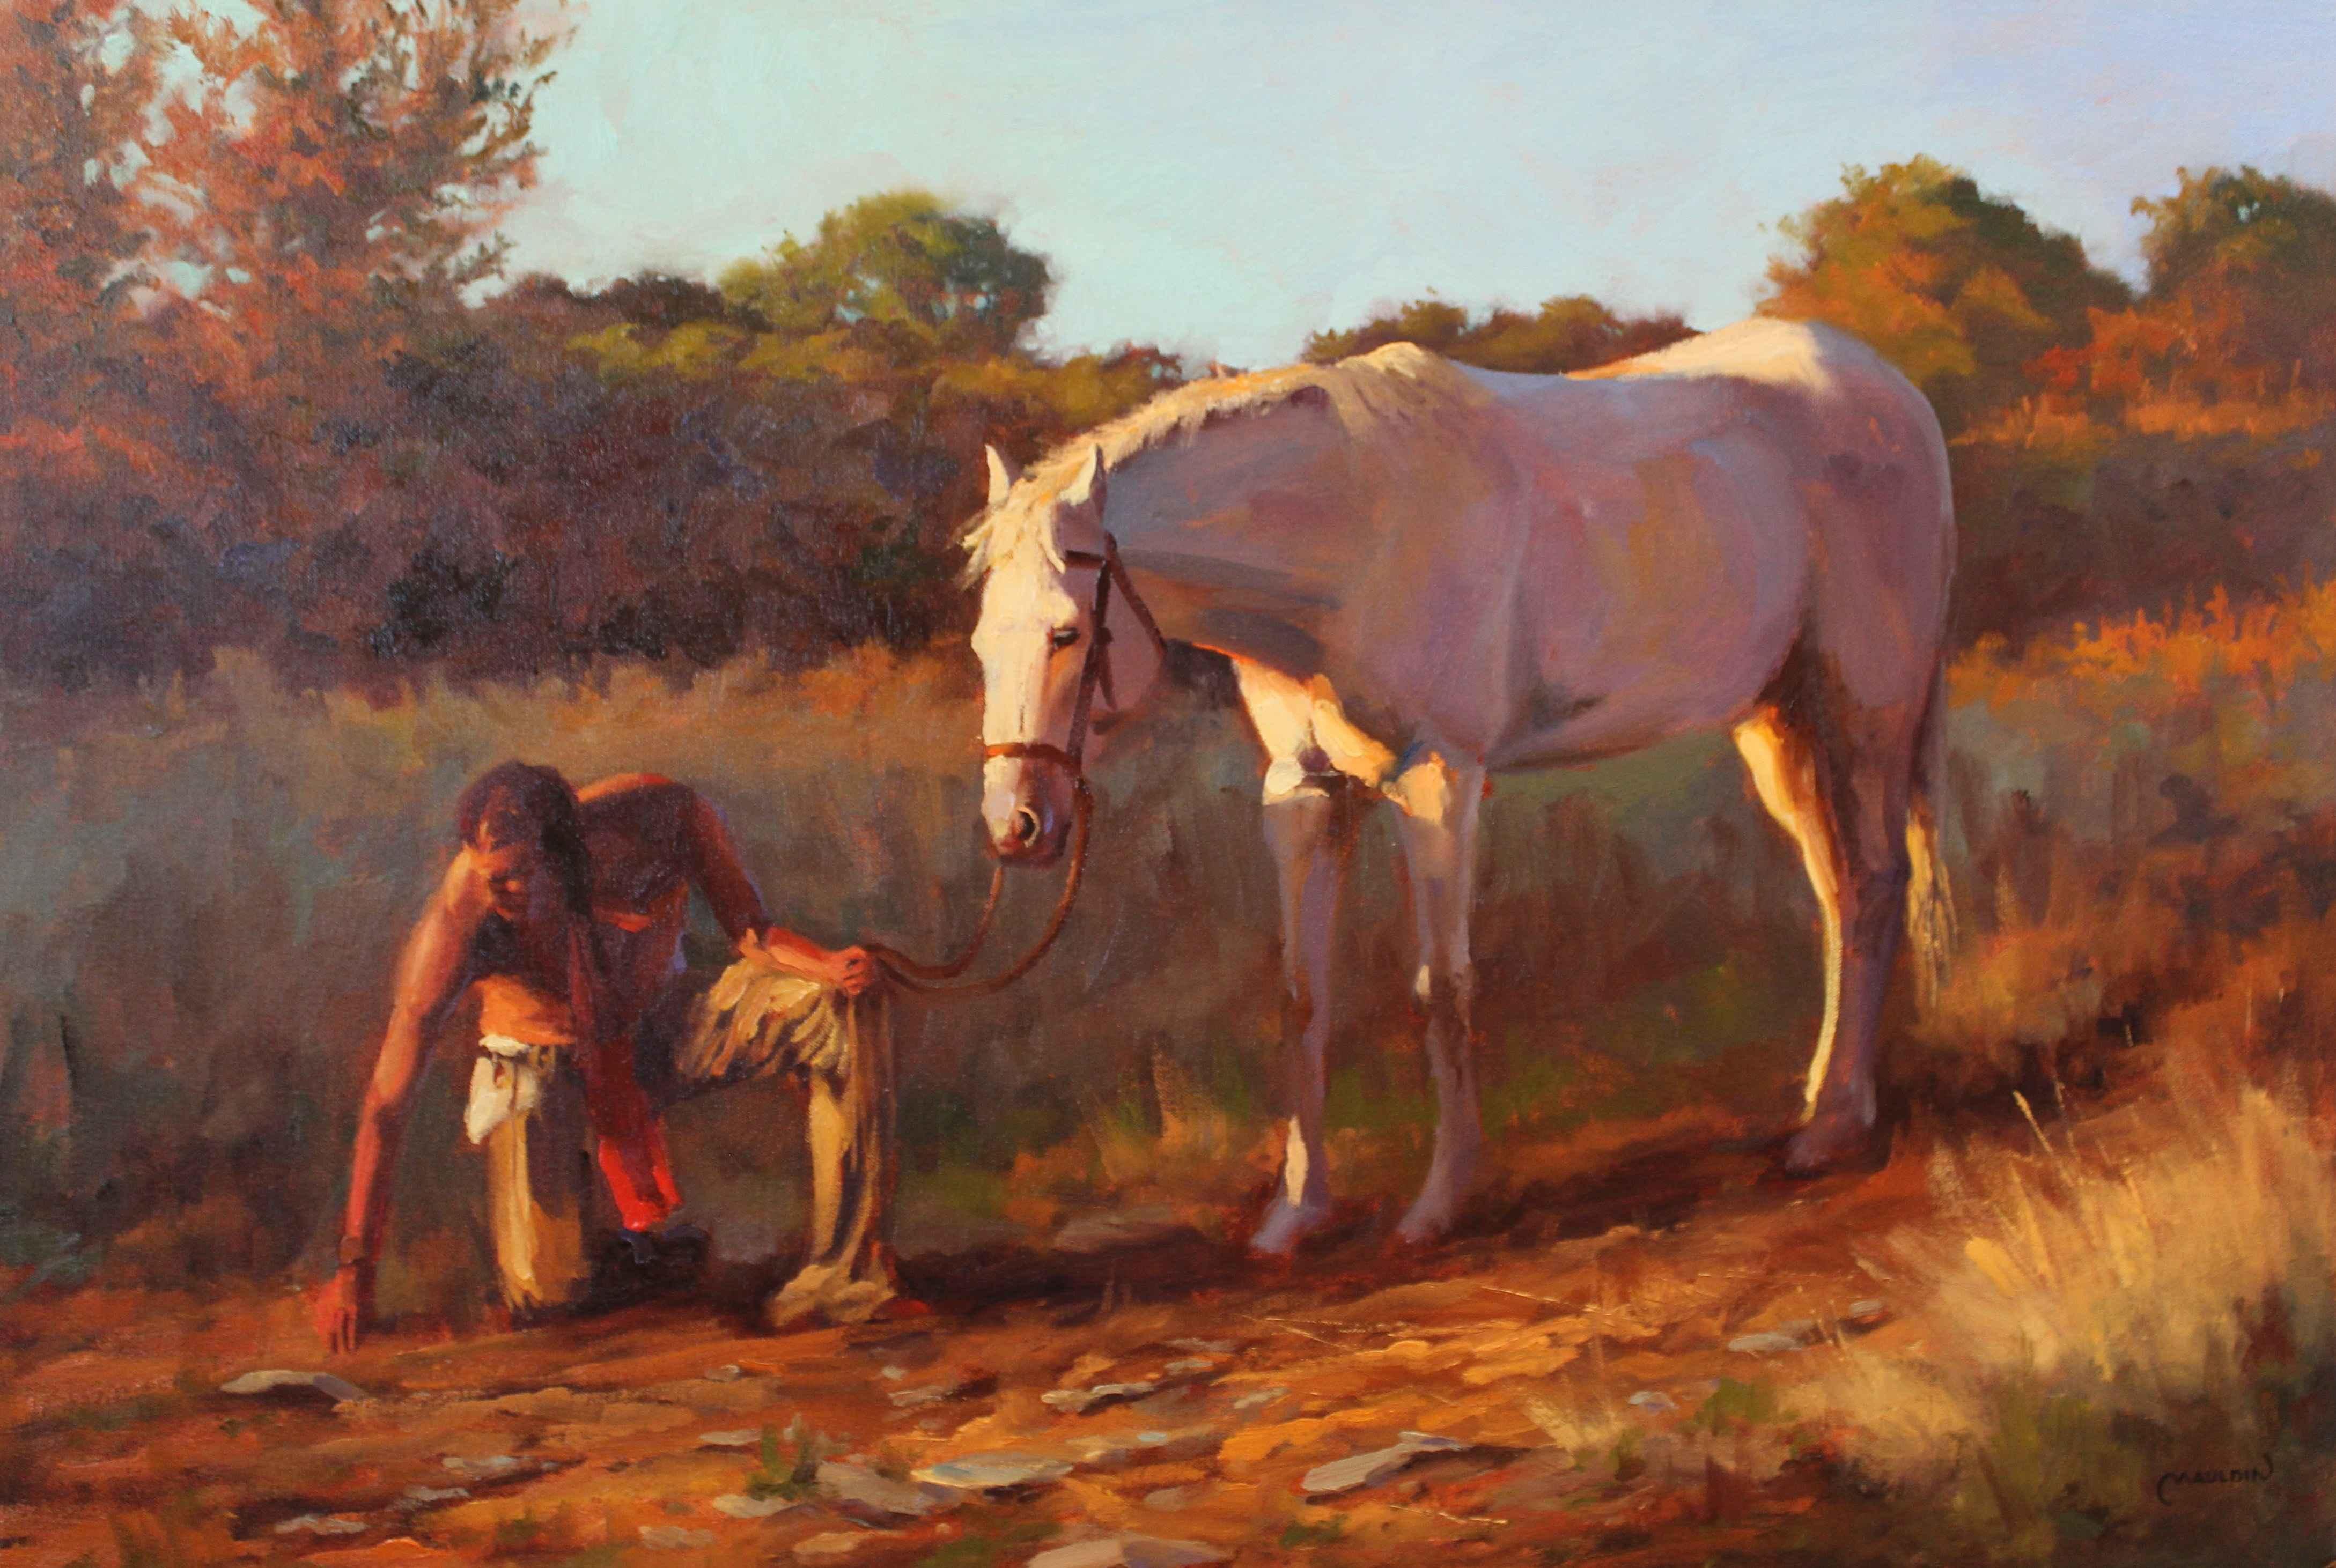 Seekers by  Chuck Mauldin - Masterpiece Online